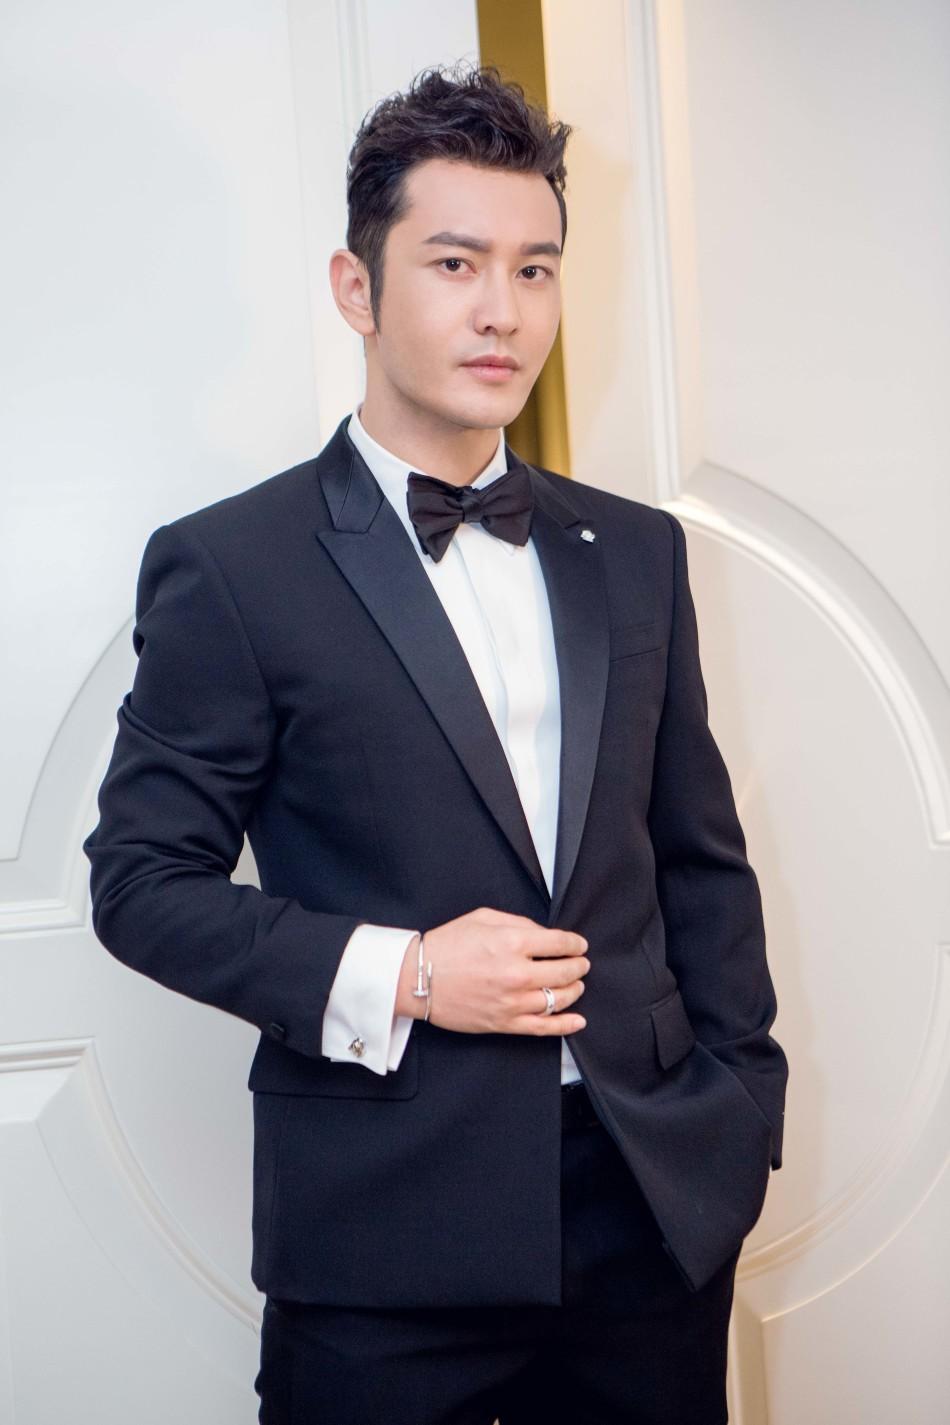 Thảm đỏ LHP Cannes: Huỳnh Hiểu Minh kém sắc, Yoo Ah In bảnh bao xuất hiện cùng dàn siêu mẫu xinh đẹp - Ảnh 4.